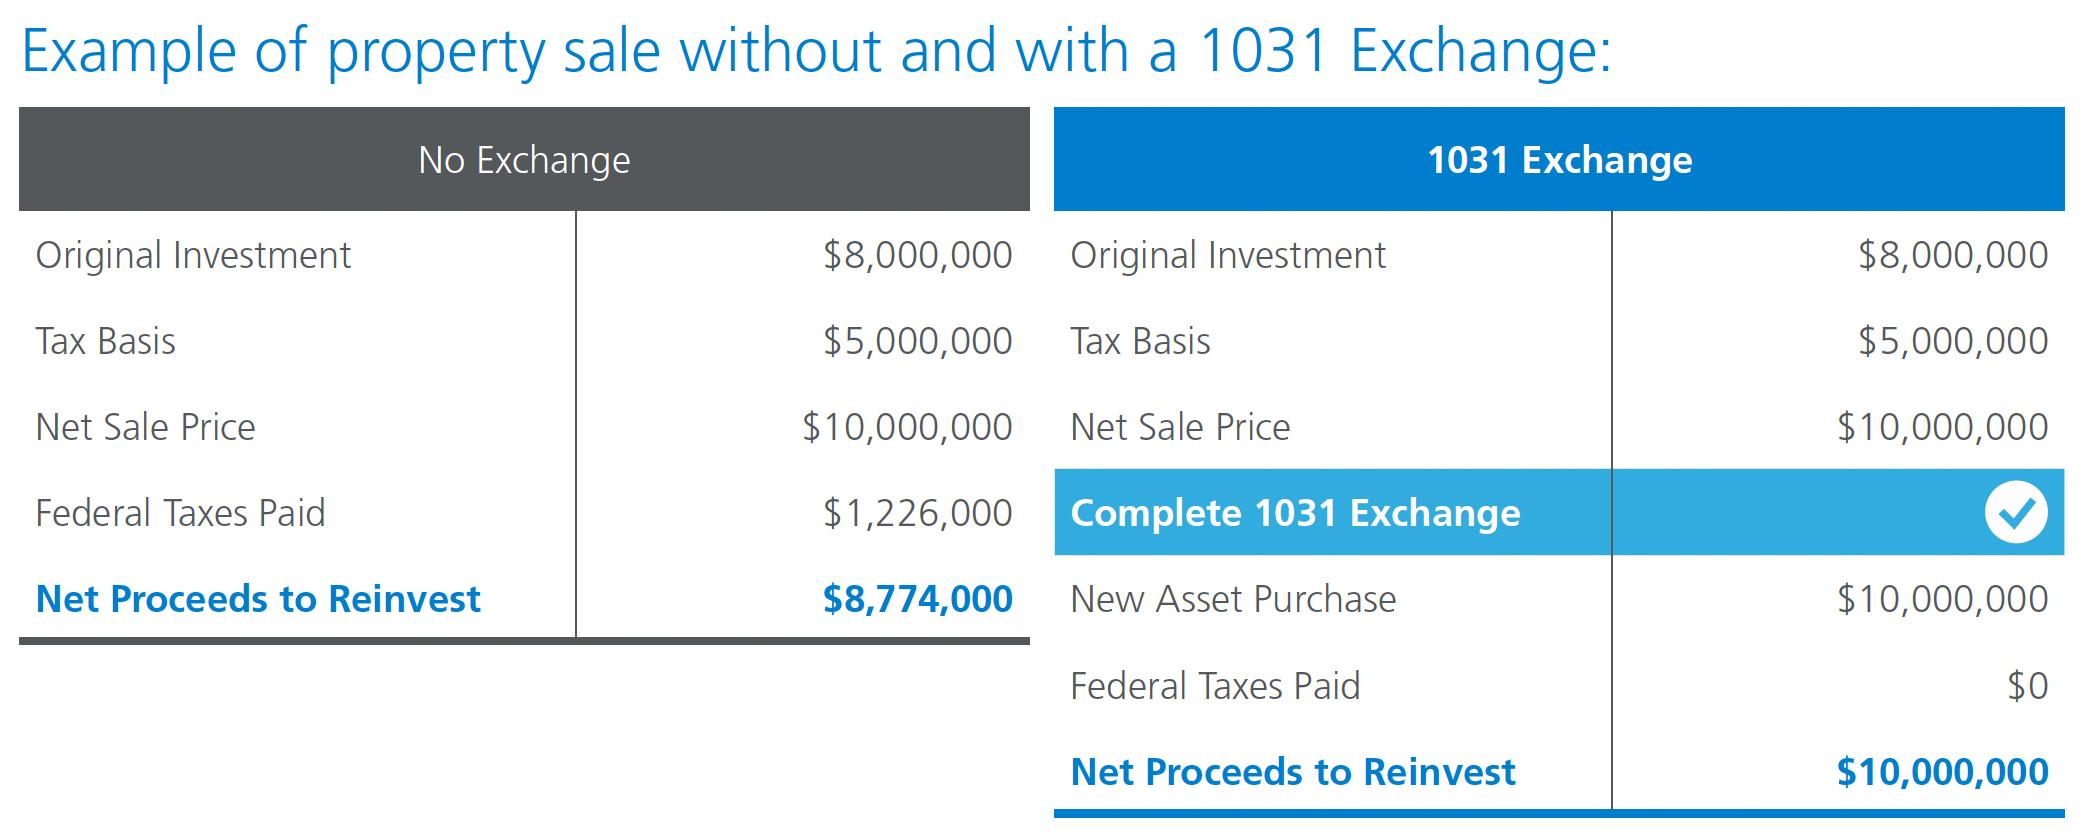 1031 Exchange Example Chart